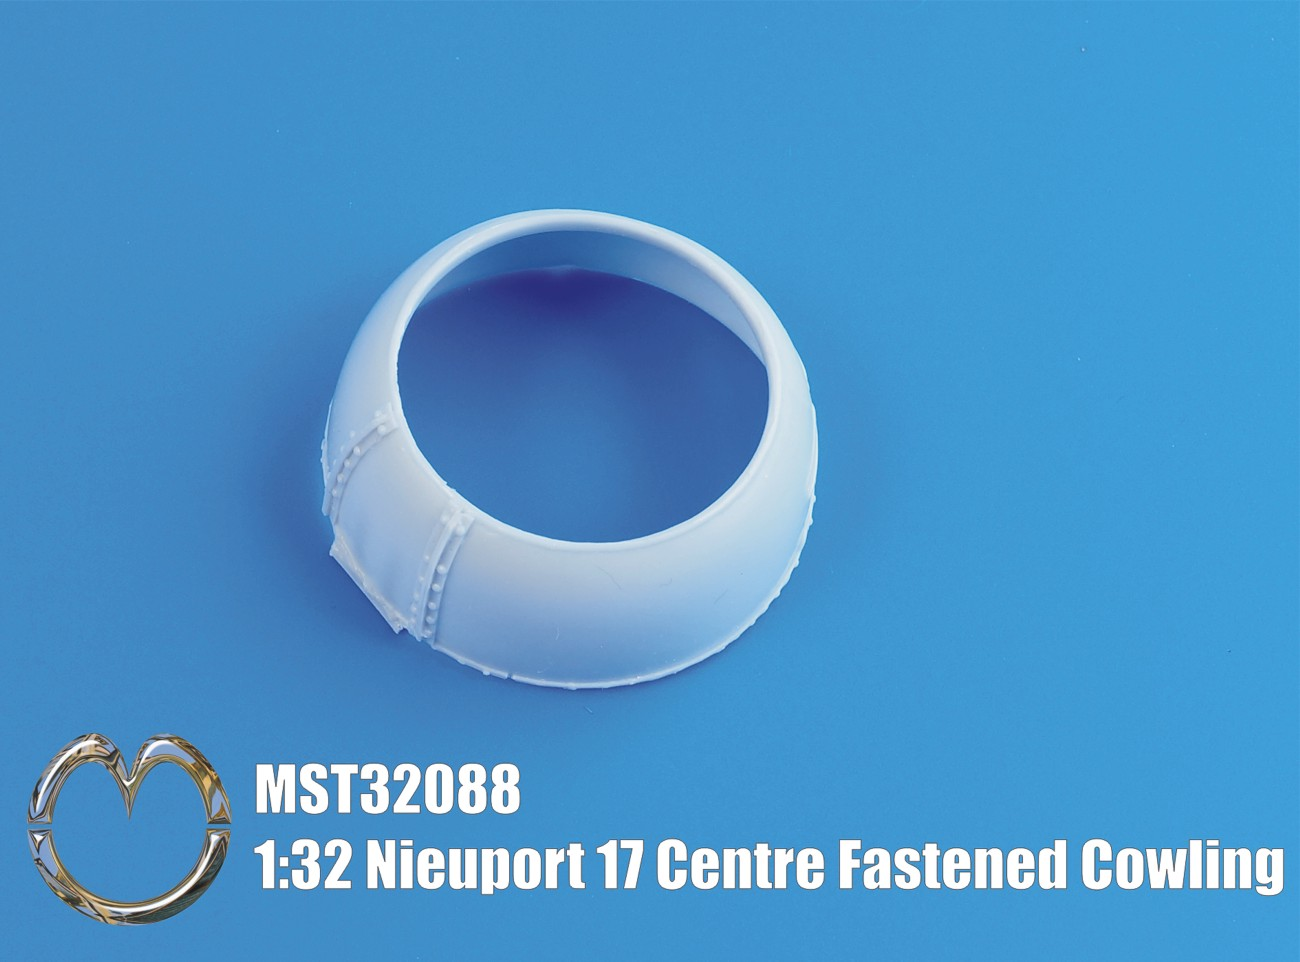 MST32088